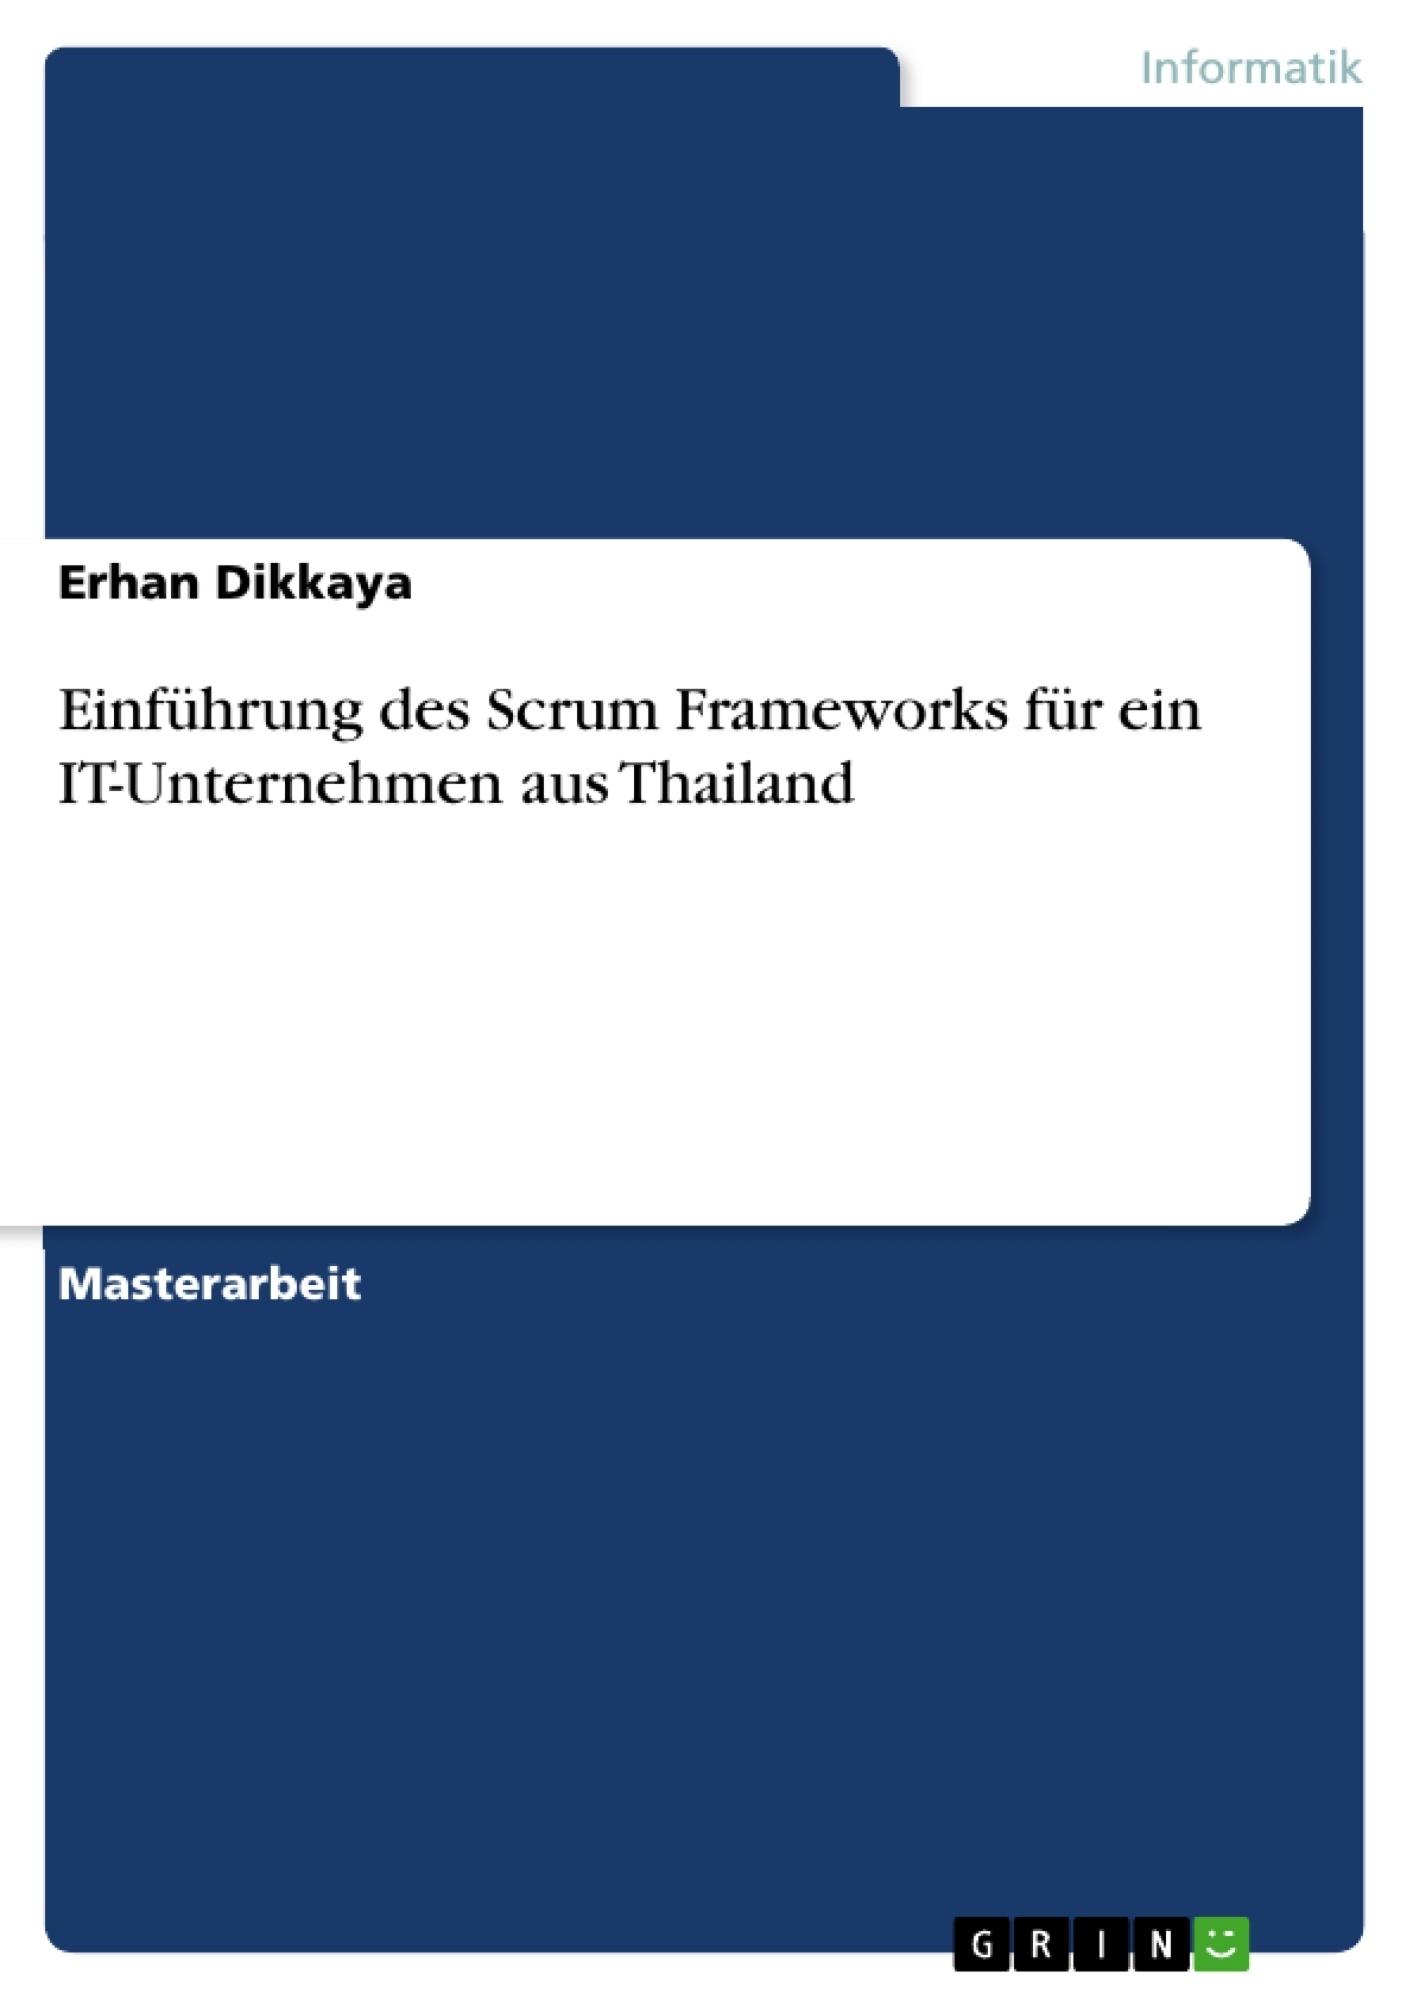 Titel: Einführung des Scrum Frameworks für ein IT-Unternehmen aus Thailand